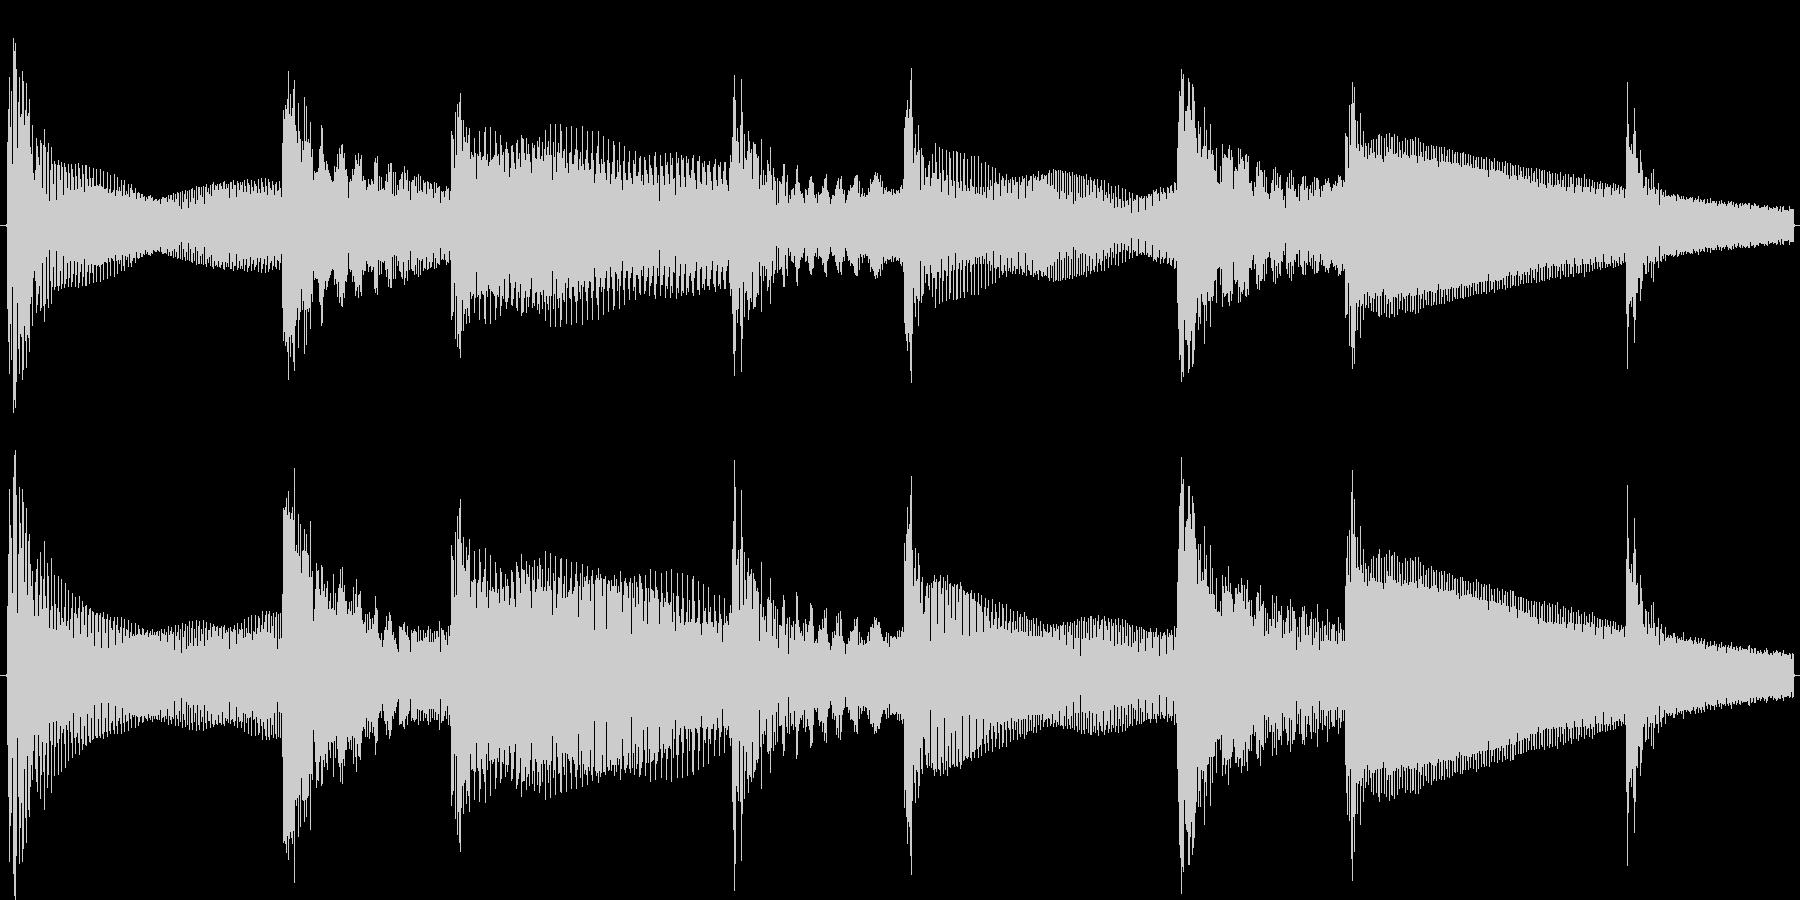 ベースとベルシャワーのループ向け素材の未再生の波形